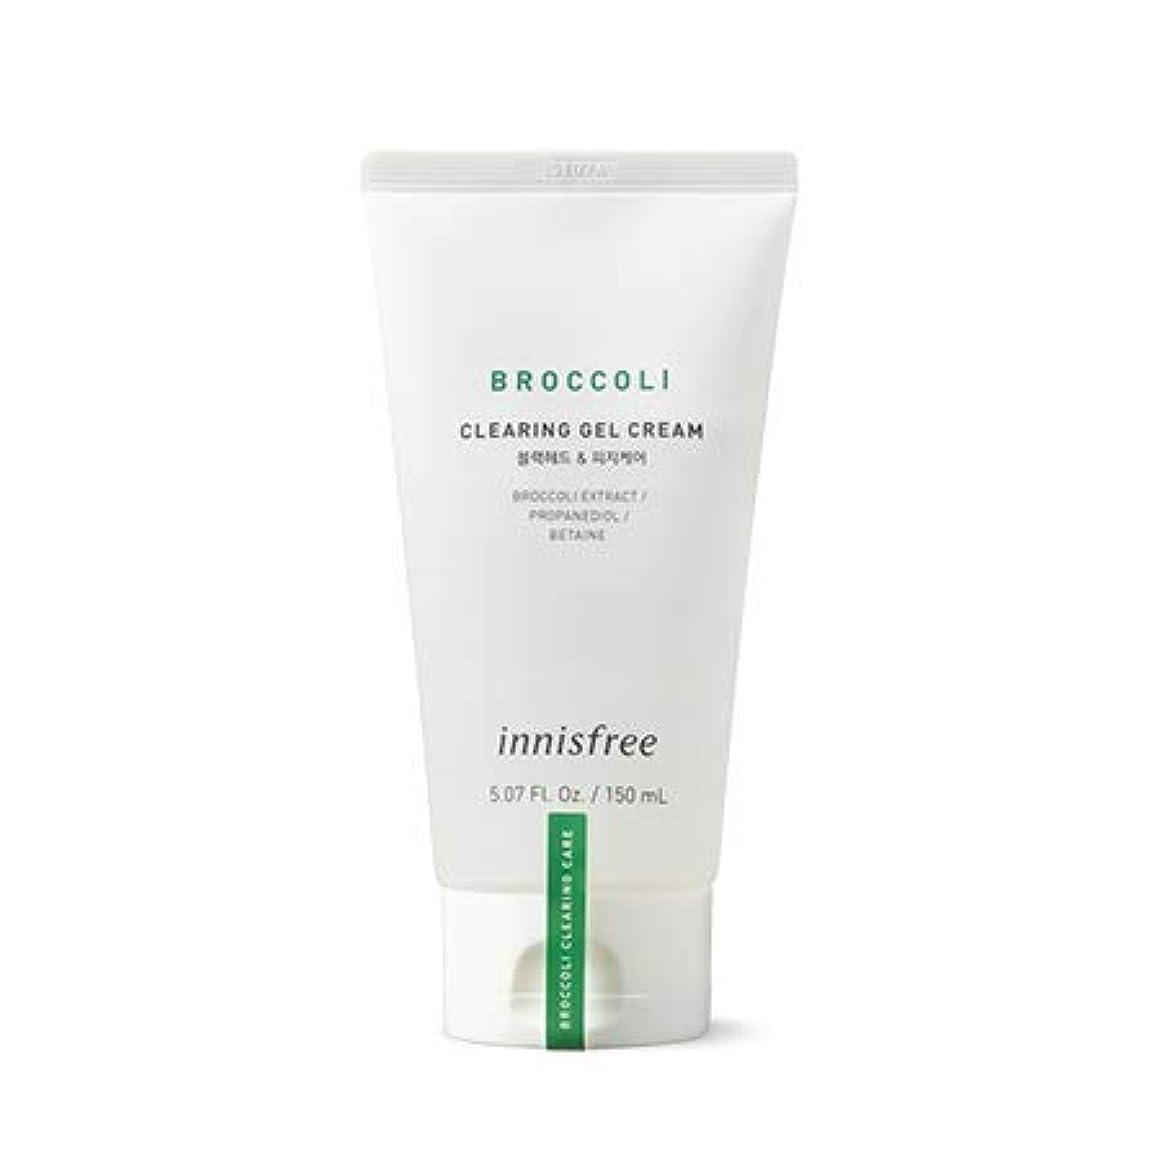 [イニスフリー.INNISFREE]ブロッコリークリアジェルクリーム150mL(2019新発売)/ Broccoli Clearing Gel Cream